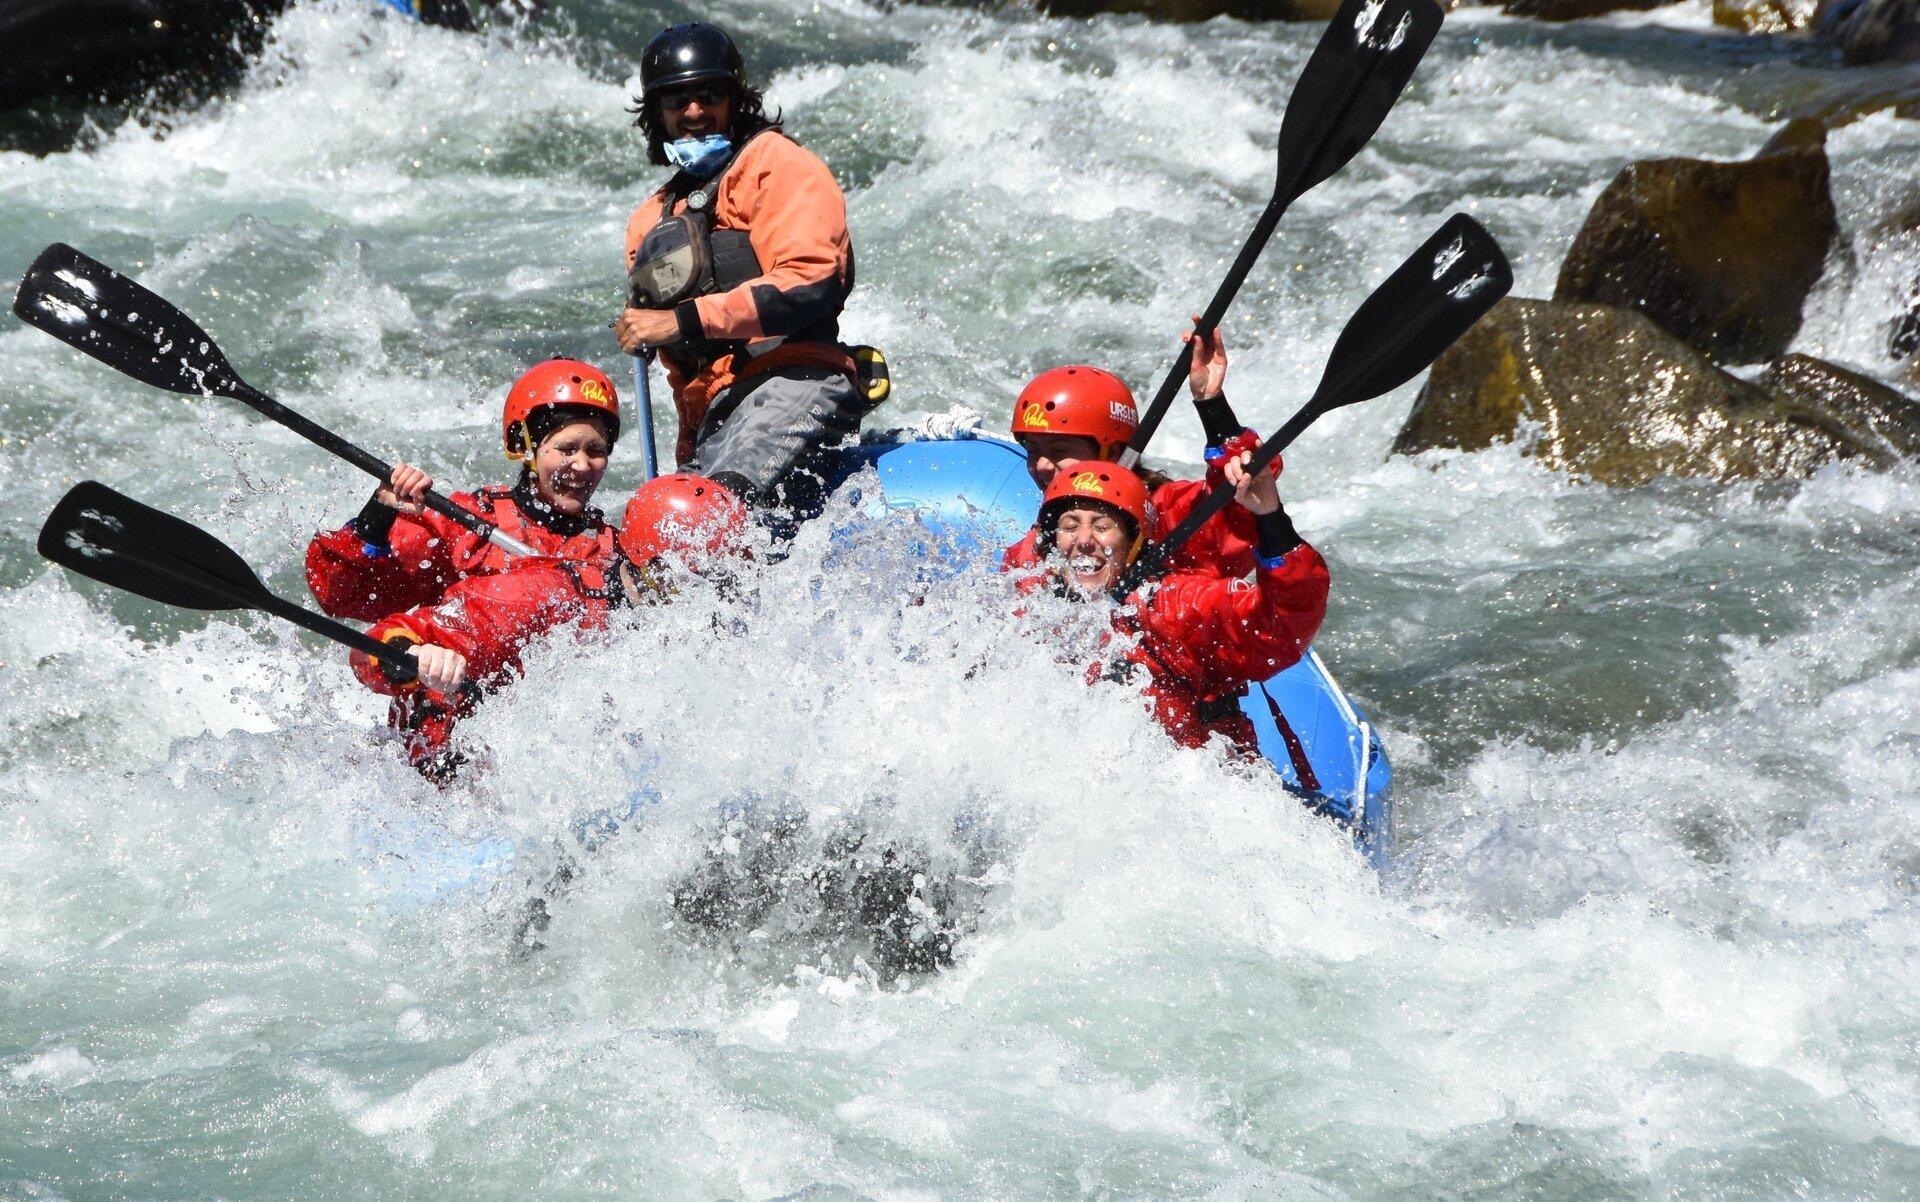 addio al nubilato rafting in Val di Sole Trentino con Ursus Adventures